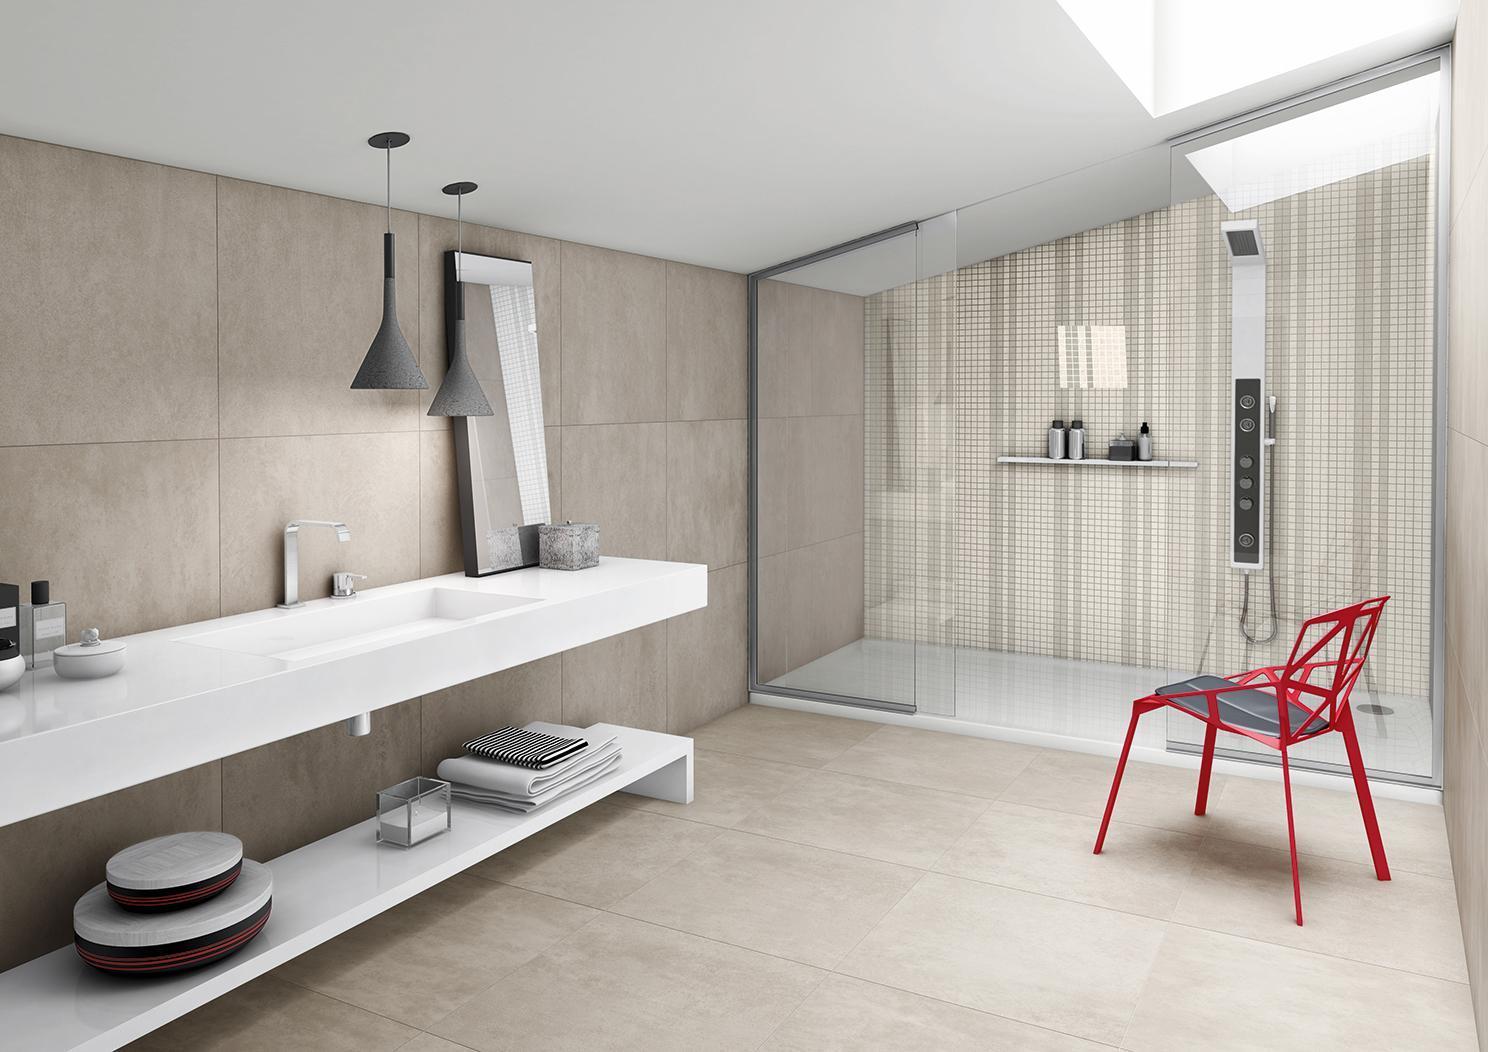 Tipos de porcelanato 60 modelos fotos ideias for Sala de 9 metros quadrados